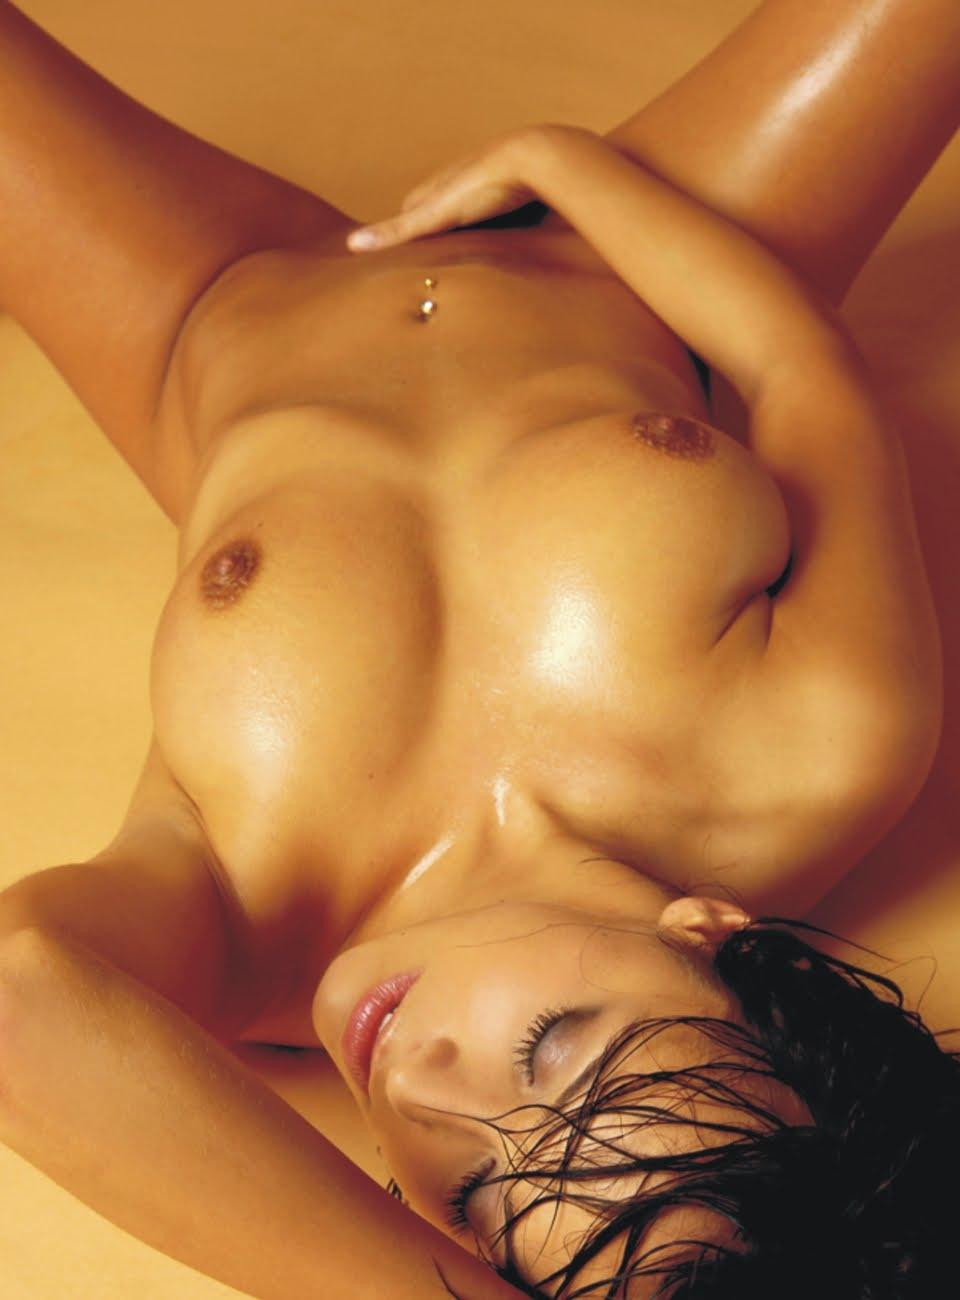 Смотреть дрожит тело при оргазме 14 фотография